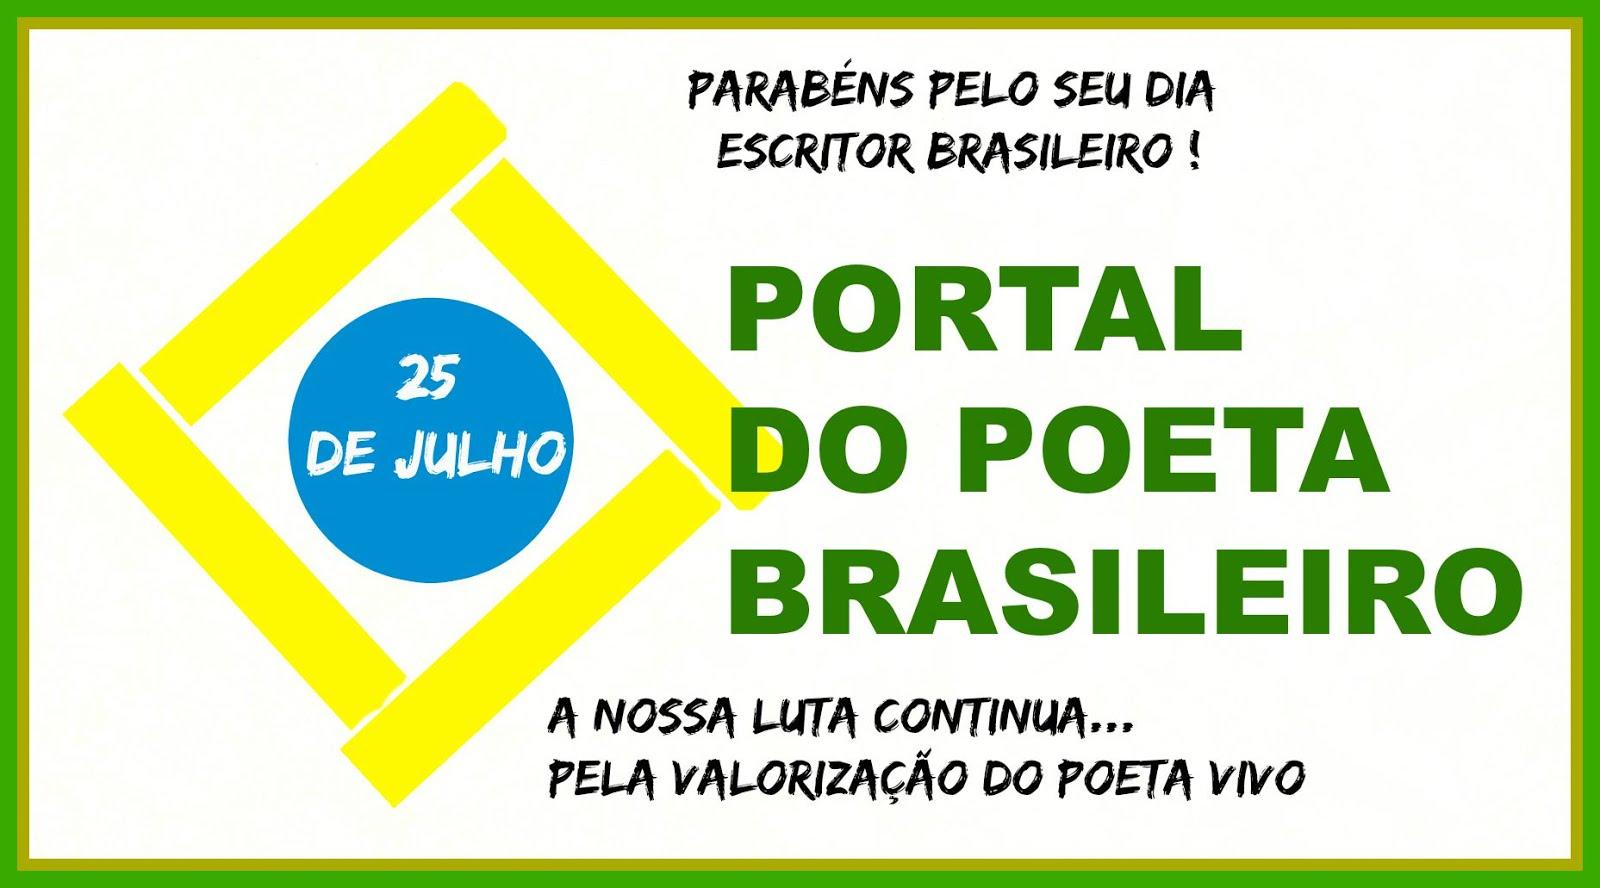 25 DE JULHO DIA DO POETA